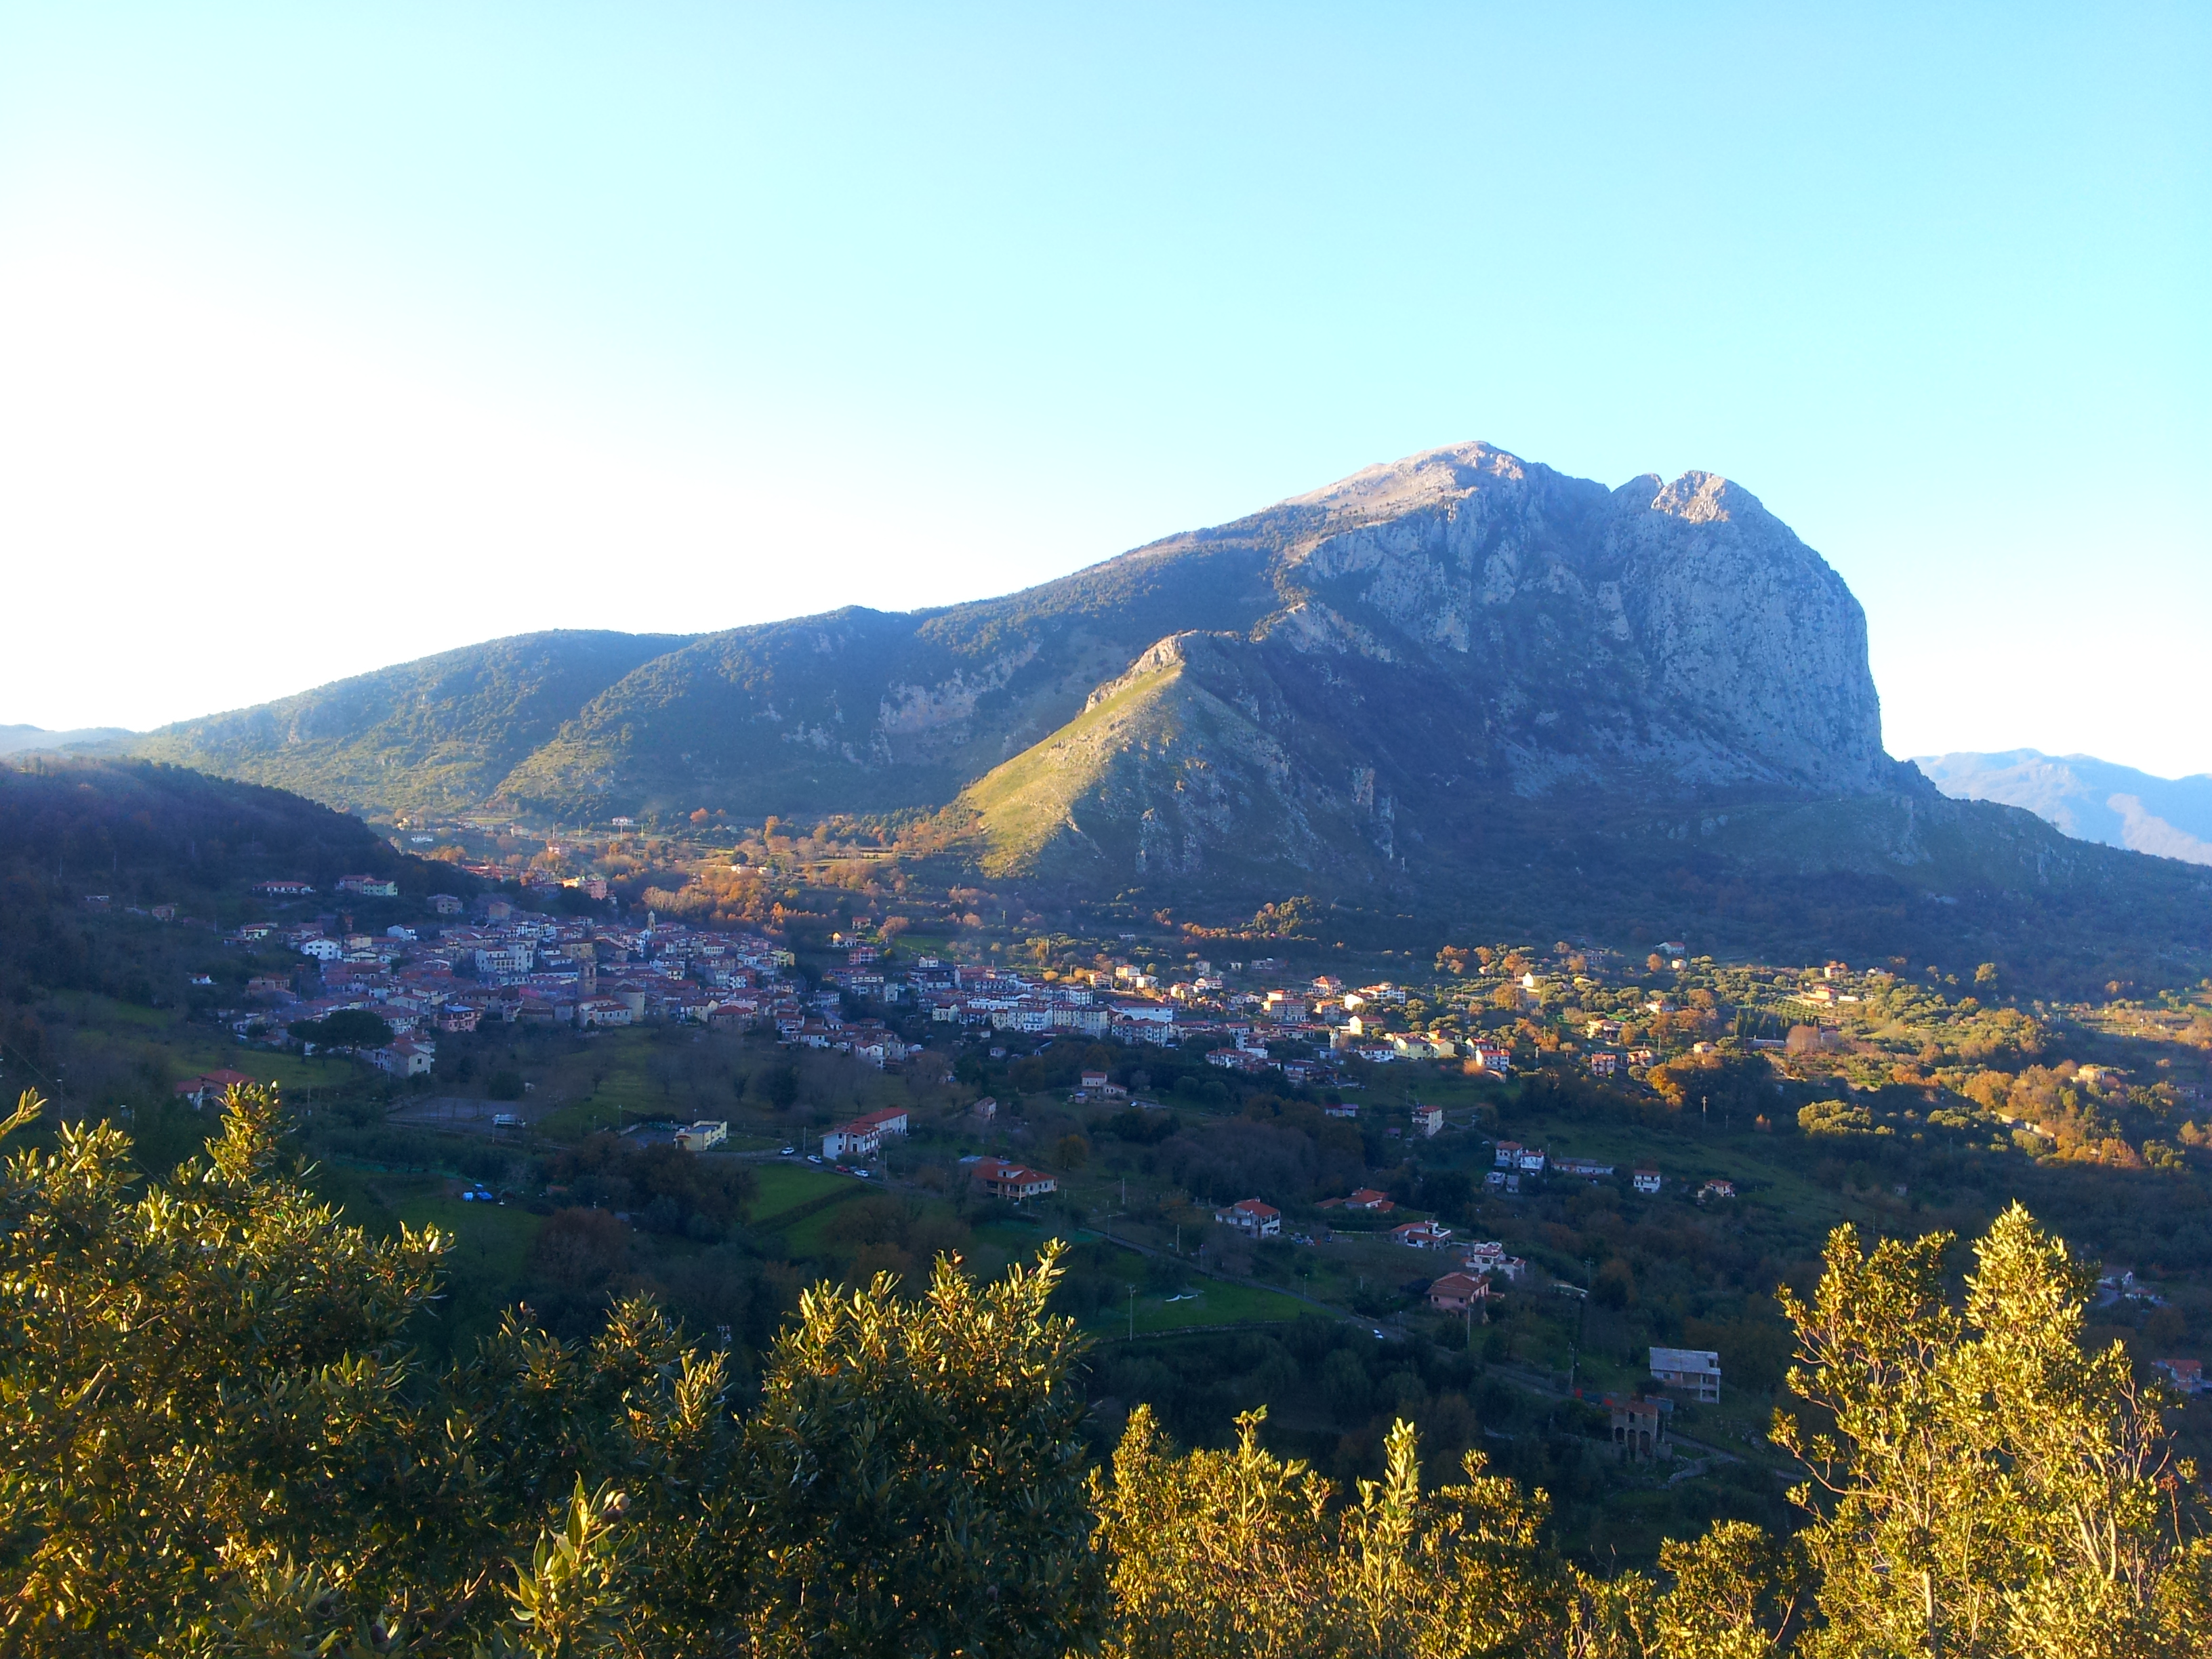 Il monte Bulgheria nel Cilento